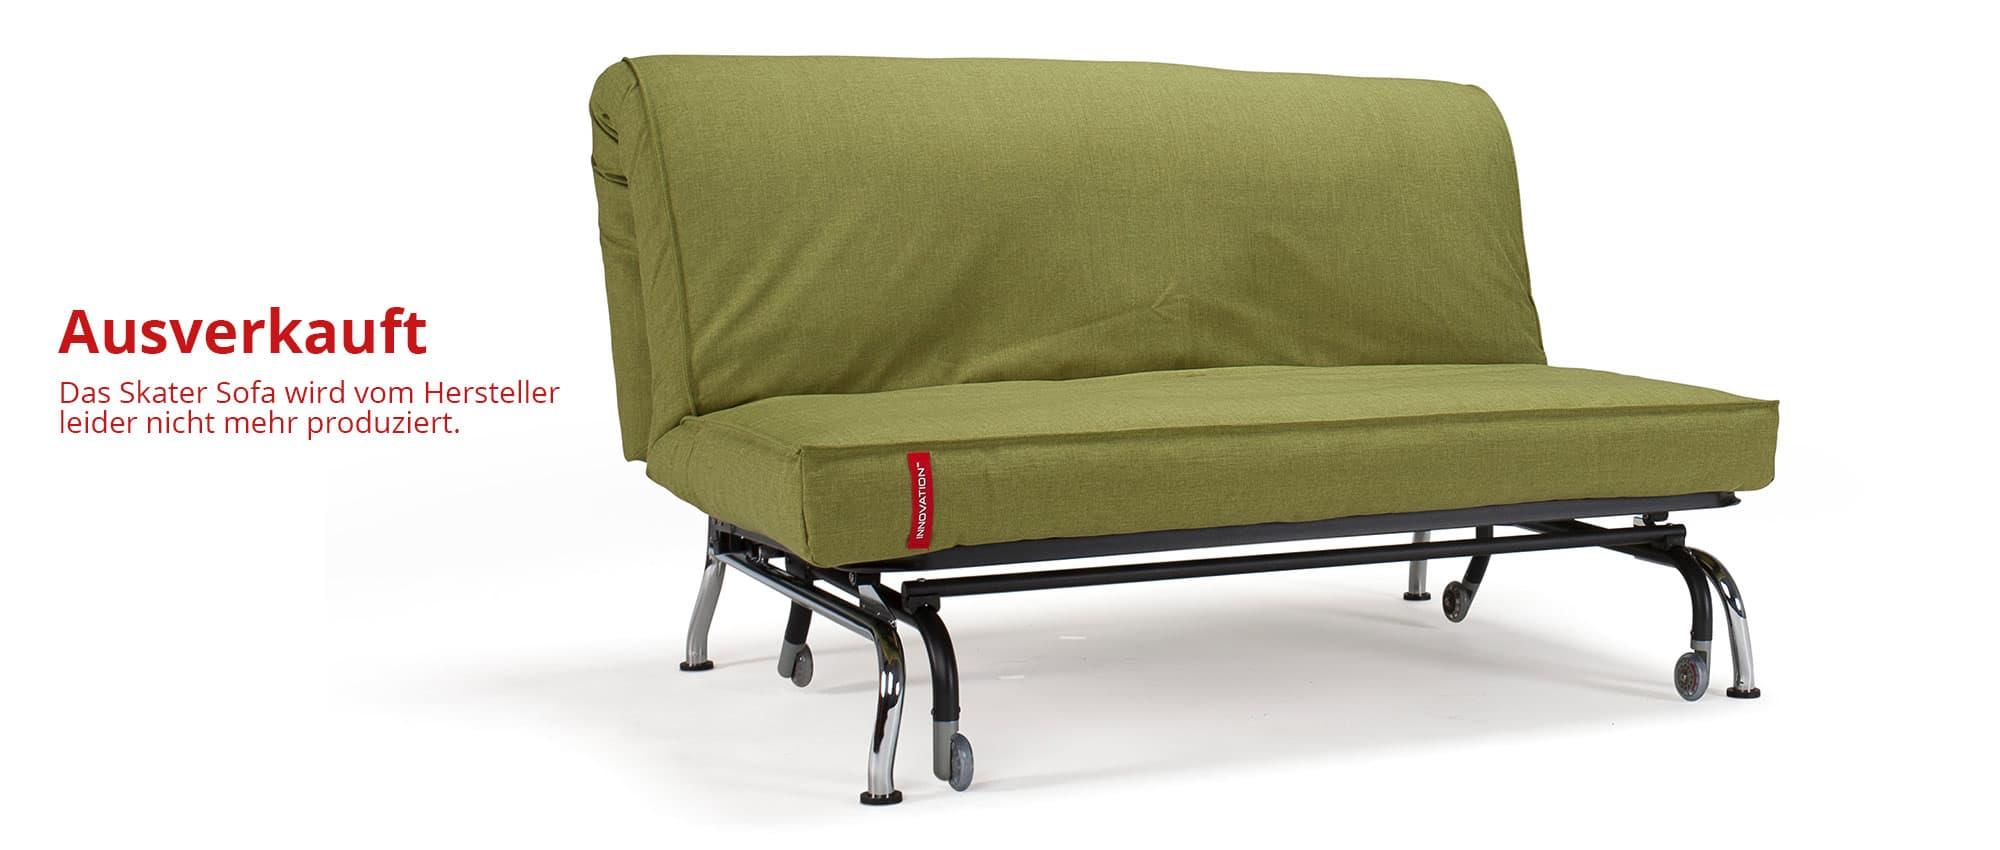 Schlafsofas preisvergleich schlafzimmer ikea beispiele for Ikea schlafsofa 79 euro